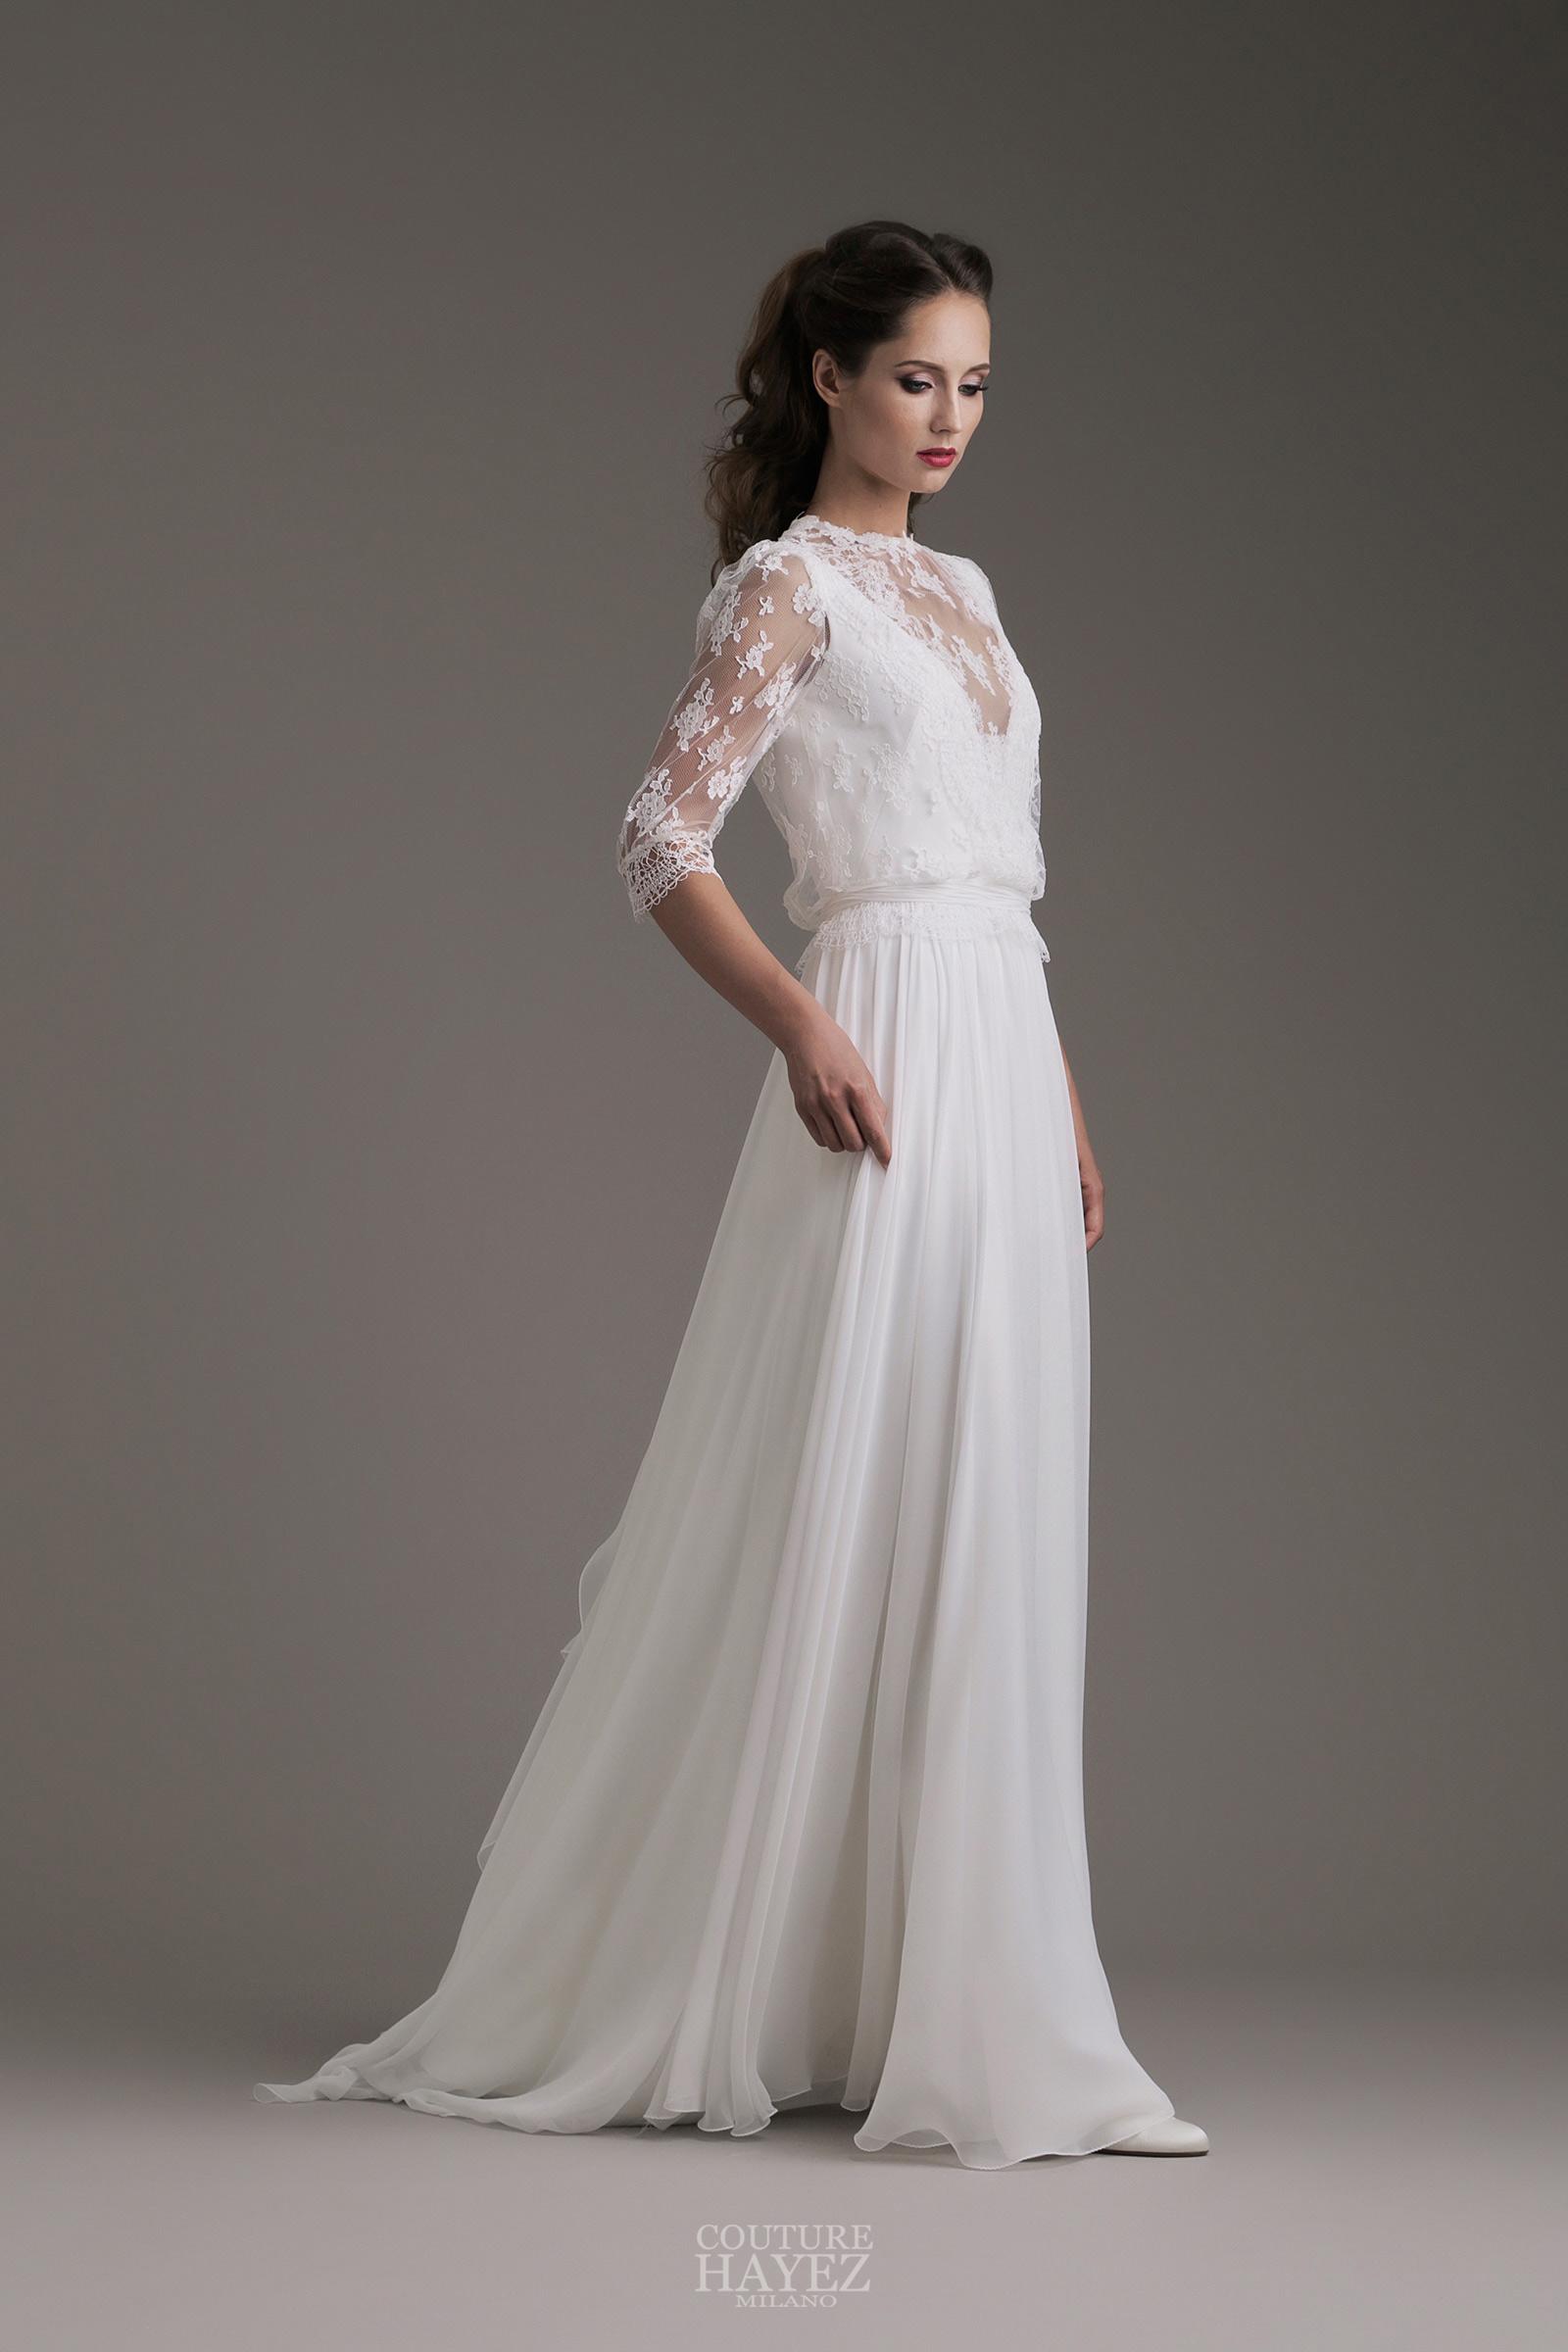 Eccezionale Sarah: abito sposa con maniche in pizzo - Couture Hayez Milano LS15